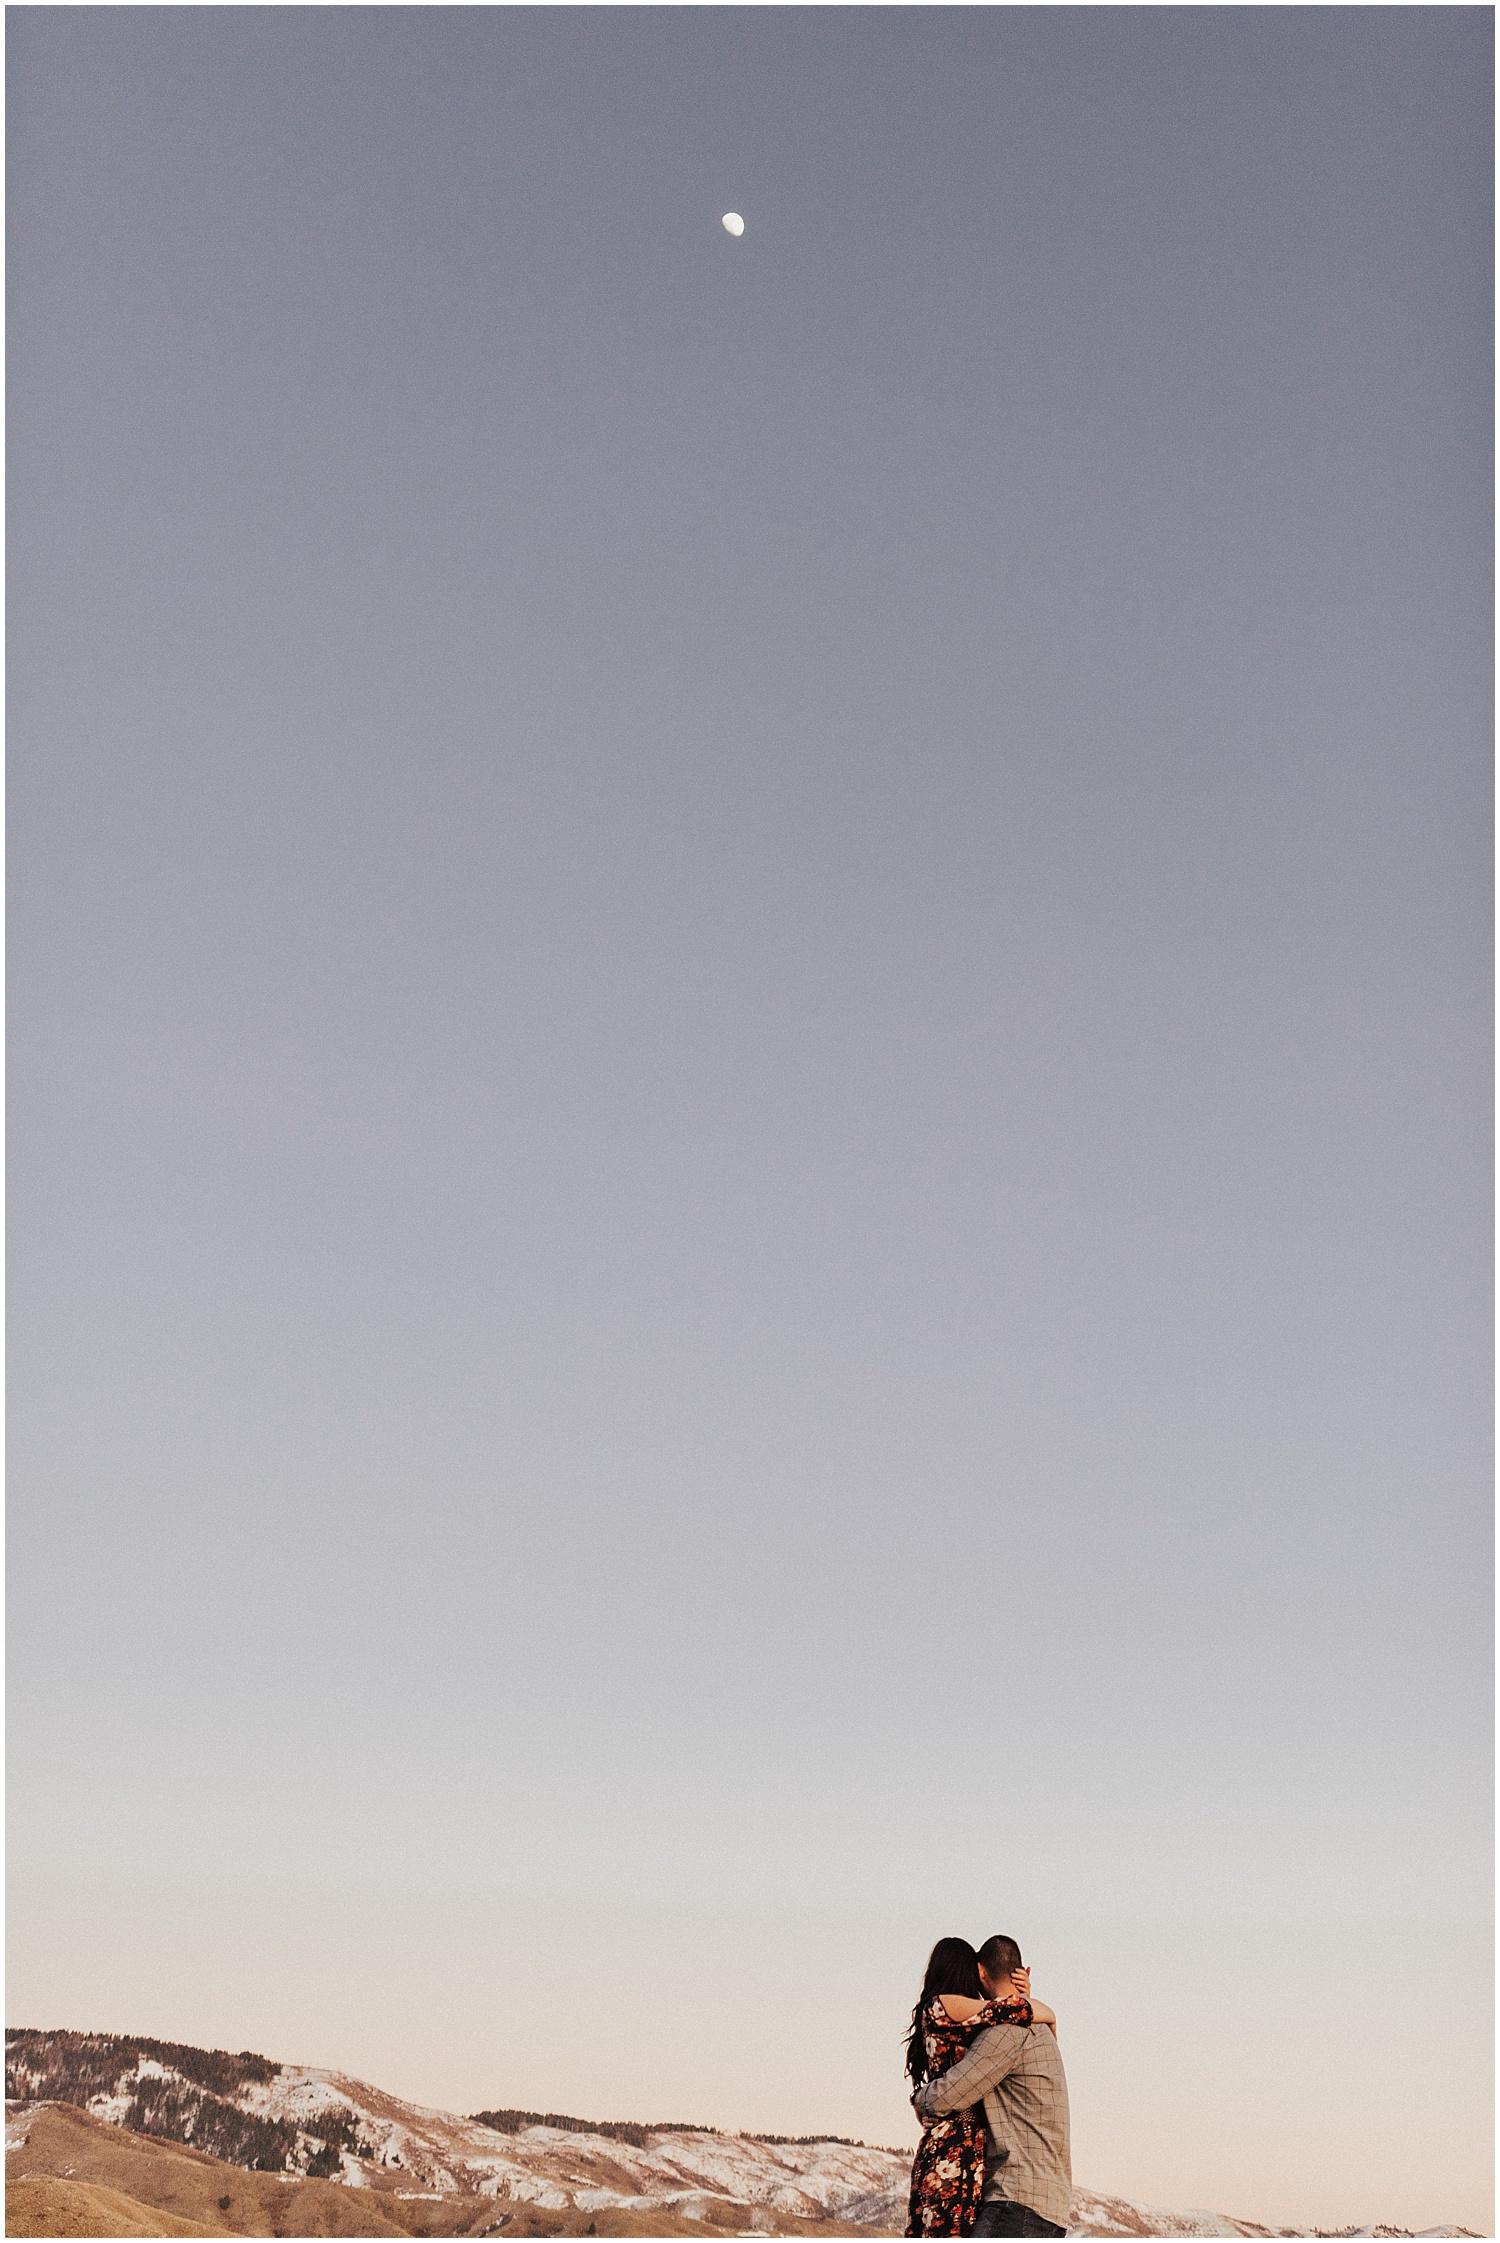 2018-04-12_0039.jpg